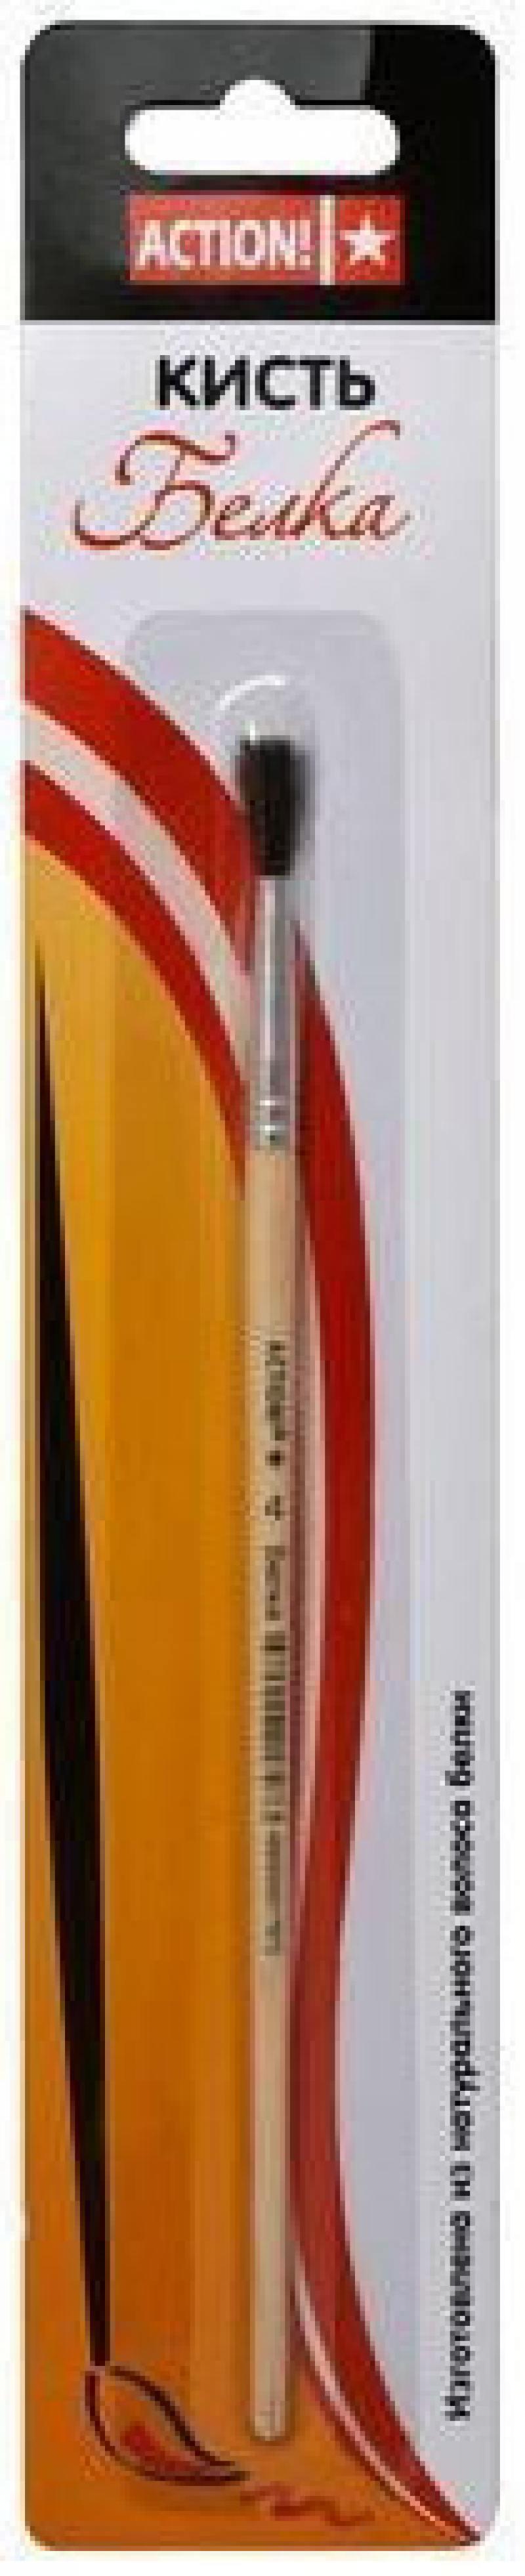 Кисть БЕЛКА, живописная, круглая, имитация, № 4 AB004SF roubloff кисть 1а10 белка круглая 2 короткая ручка